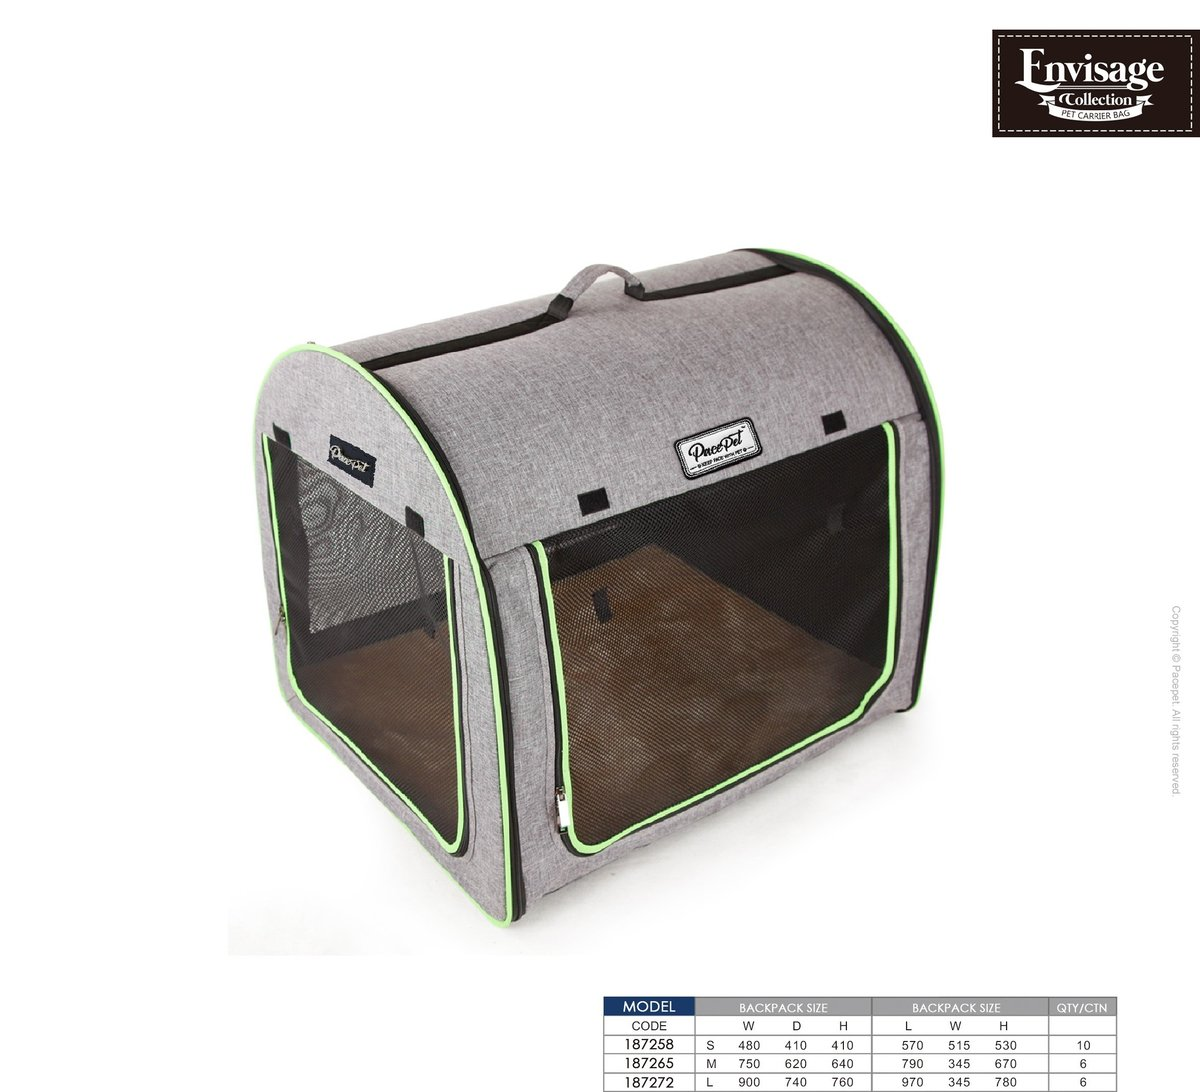 英國PacePet Envisage Plus系列-灰色&綠色寵物帳幕(M)